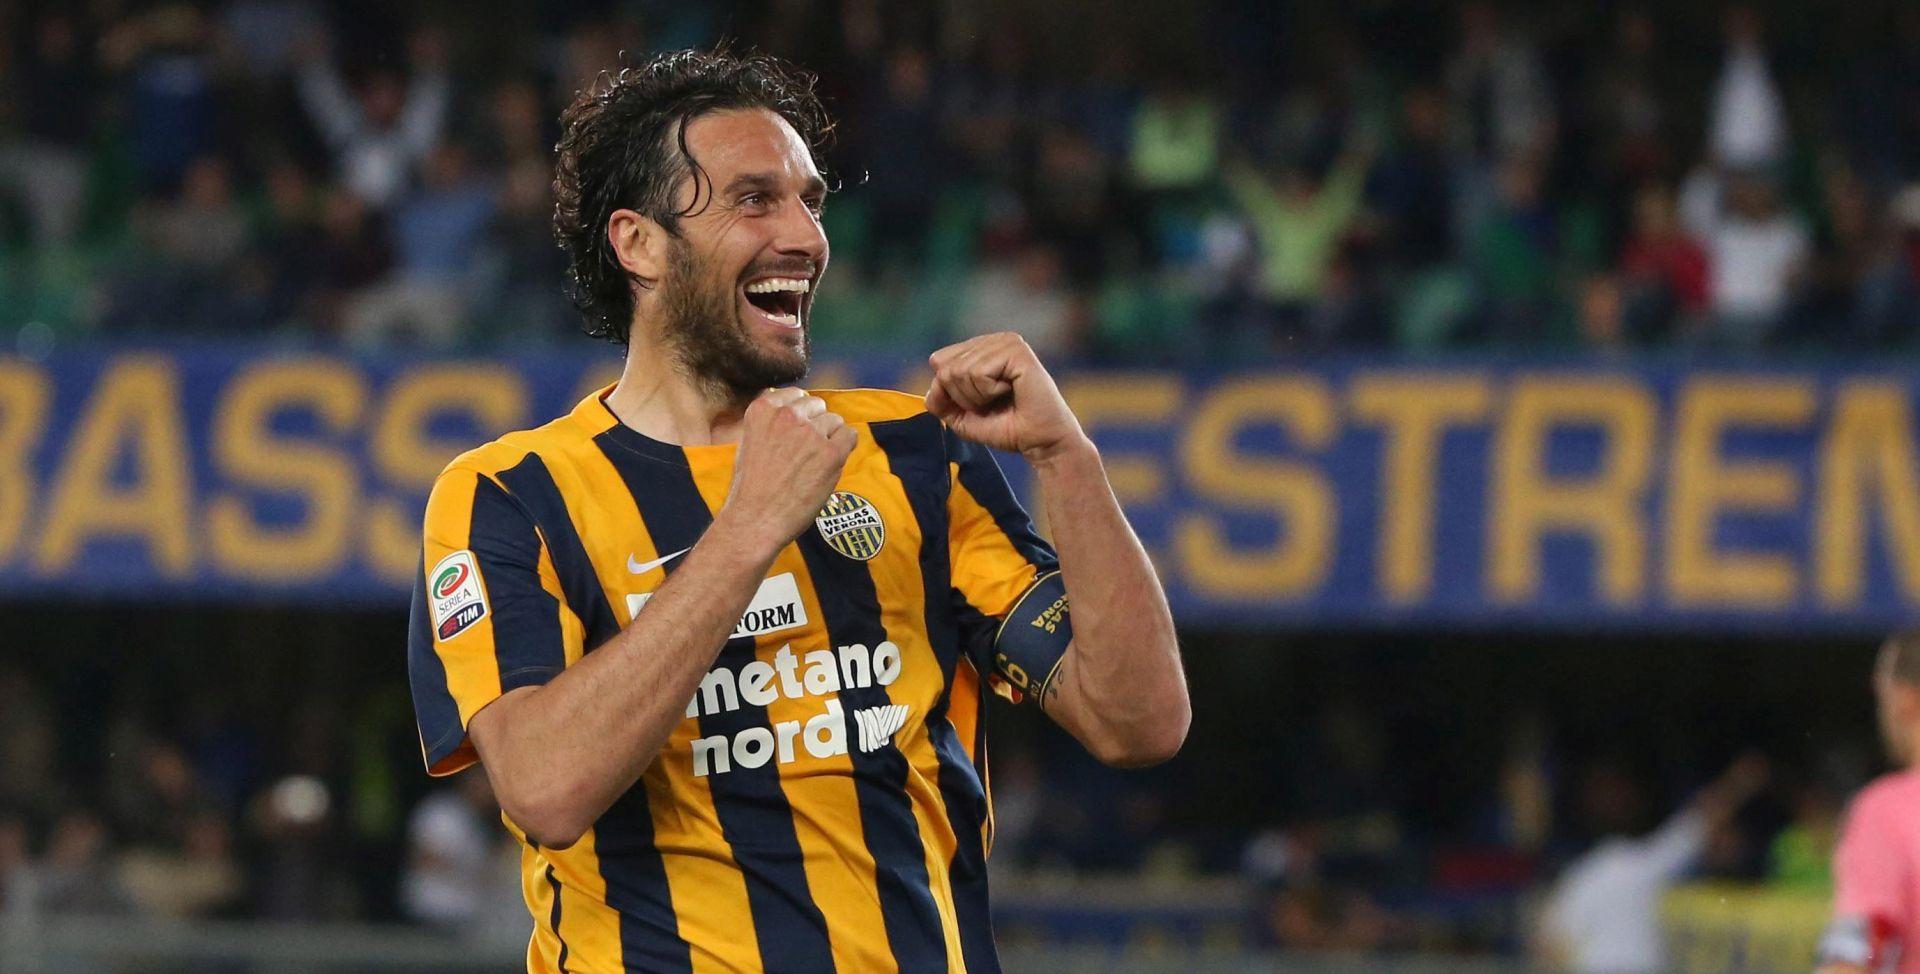 SERIE A Poraz Juventusa, Napoli opet drugi